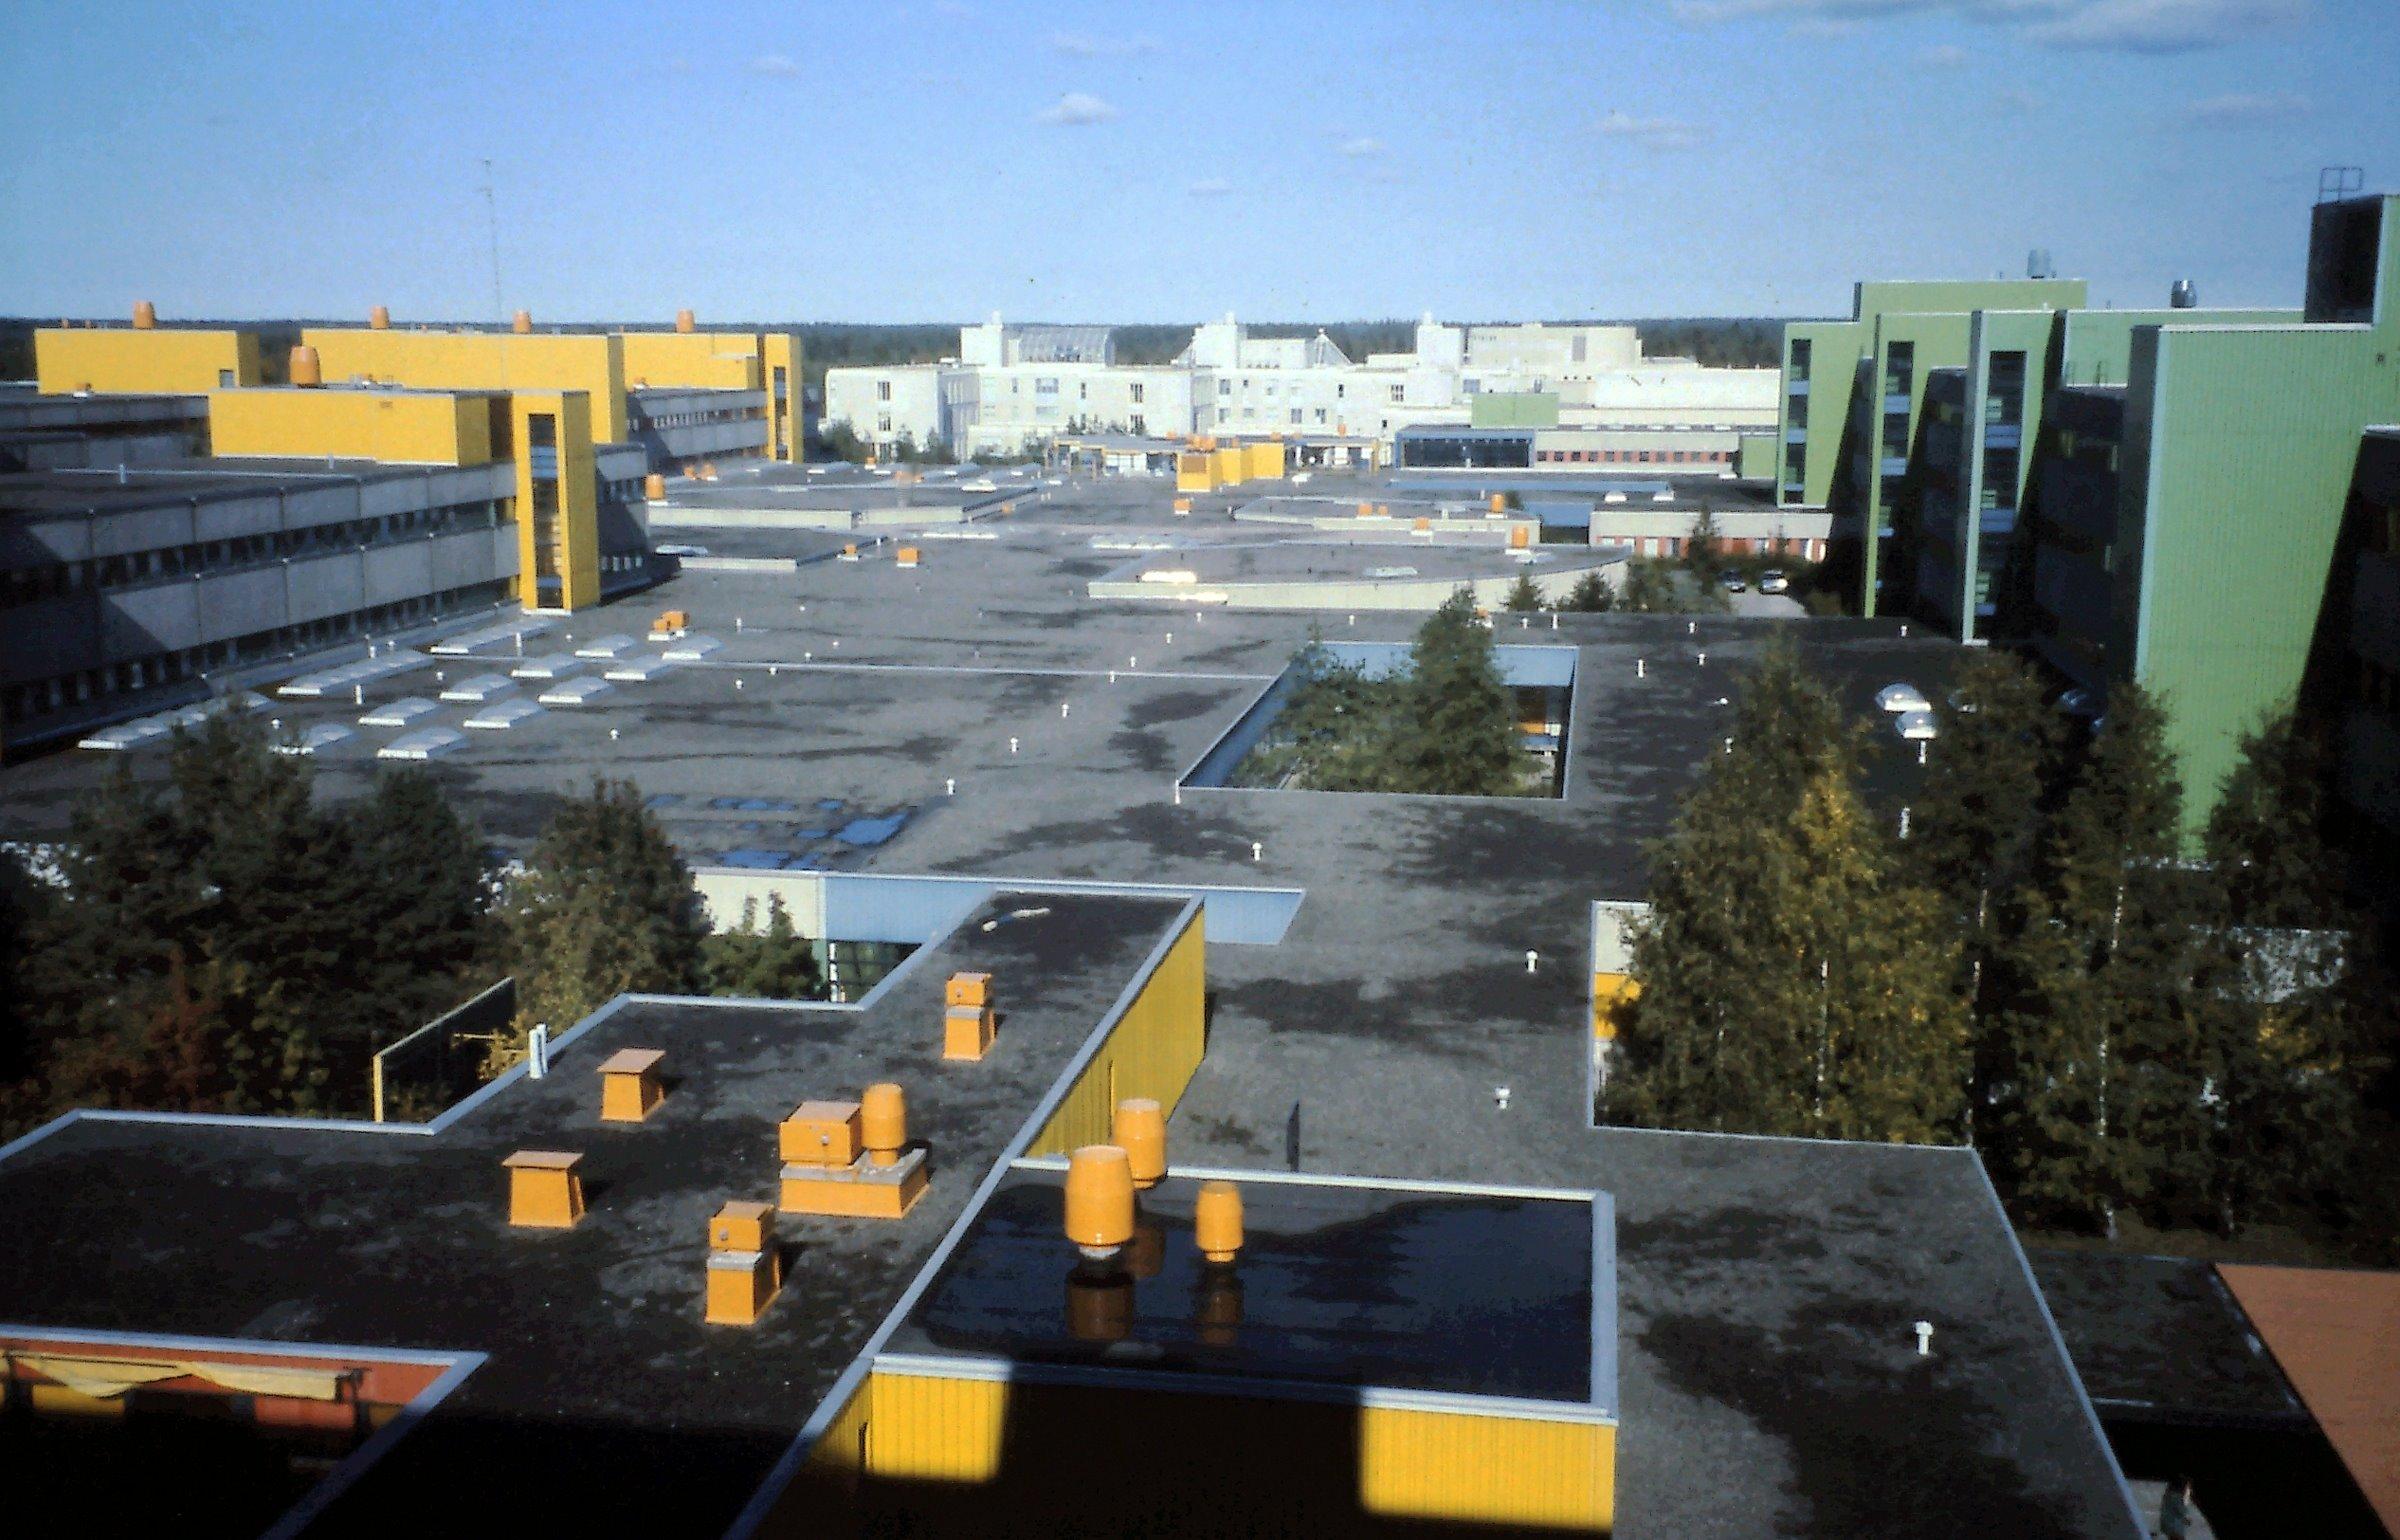 Oulu Linnanmaa